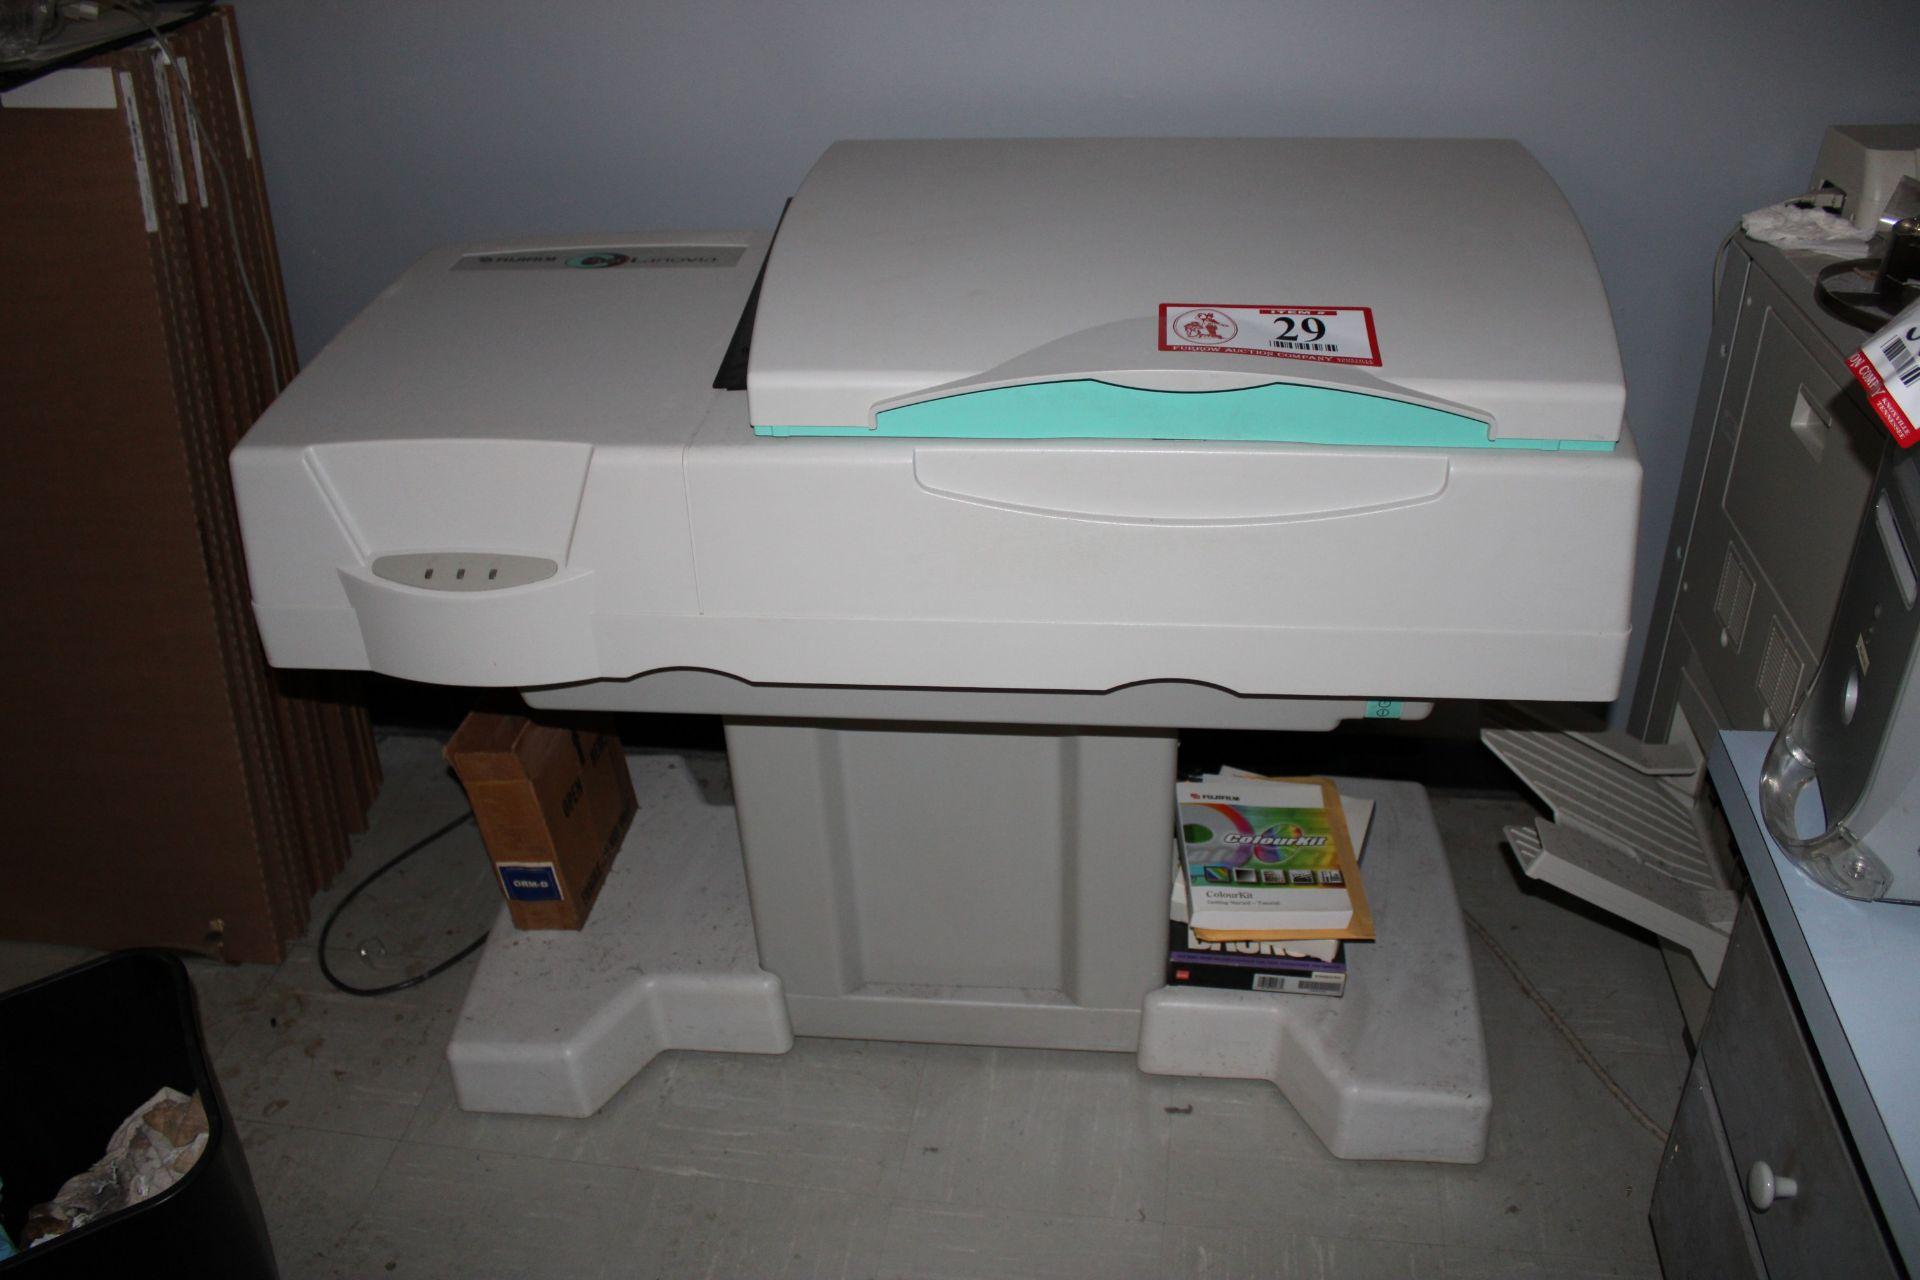 Lot 29 - Fujifilm C550 Lavonia Flatbed Scanner